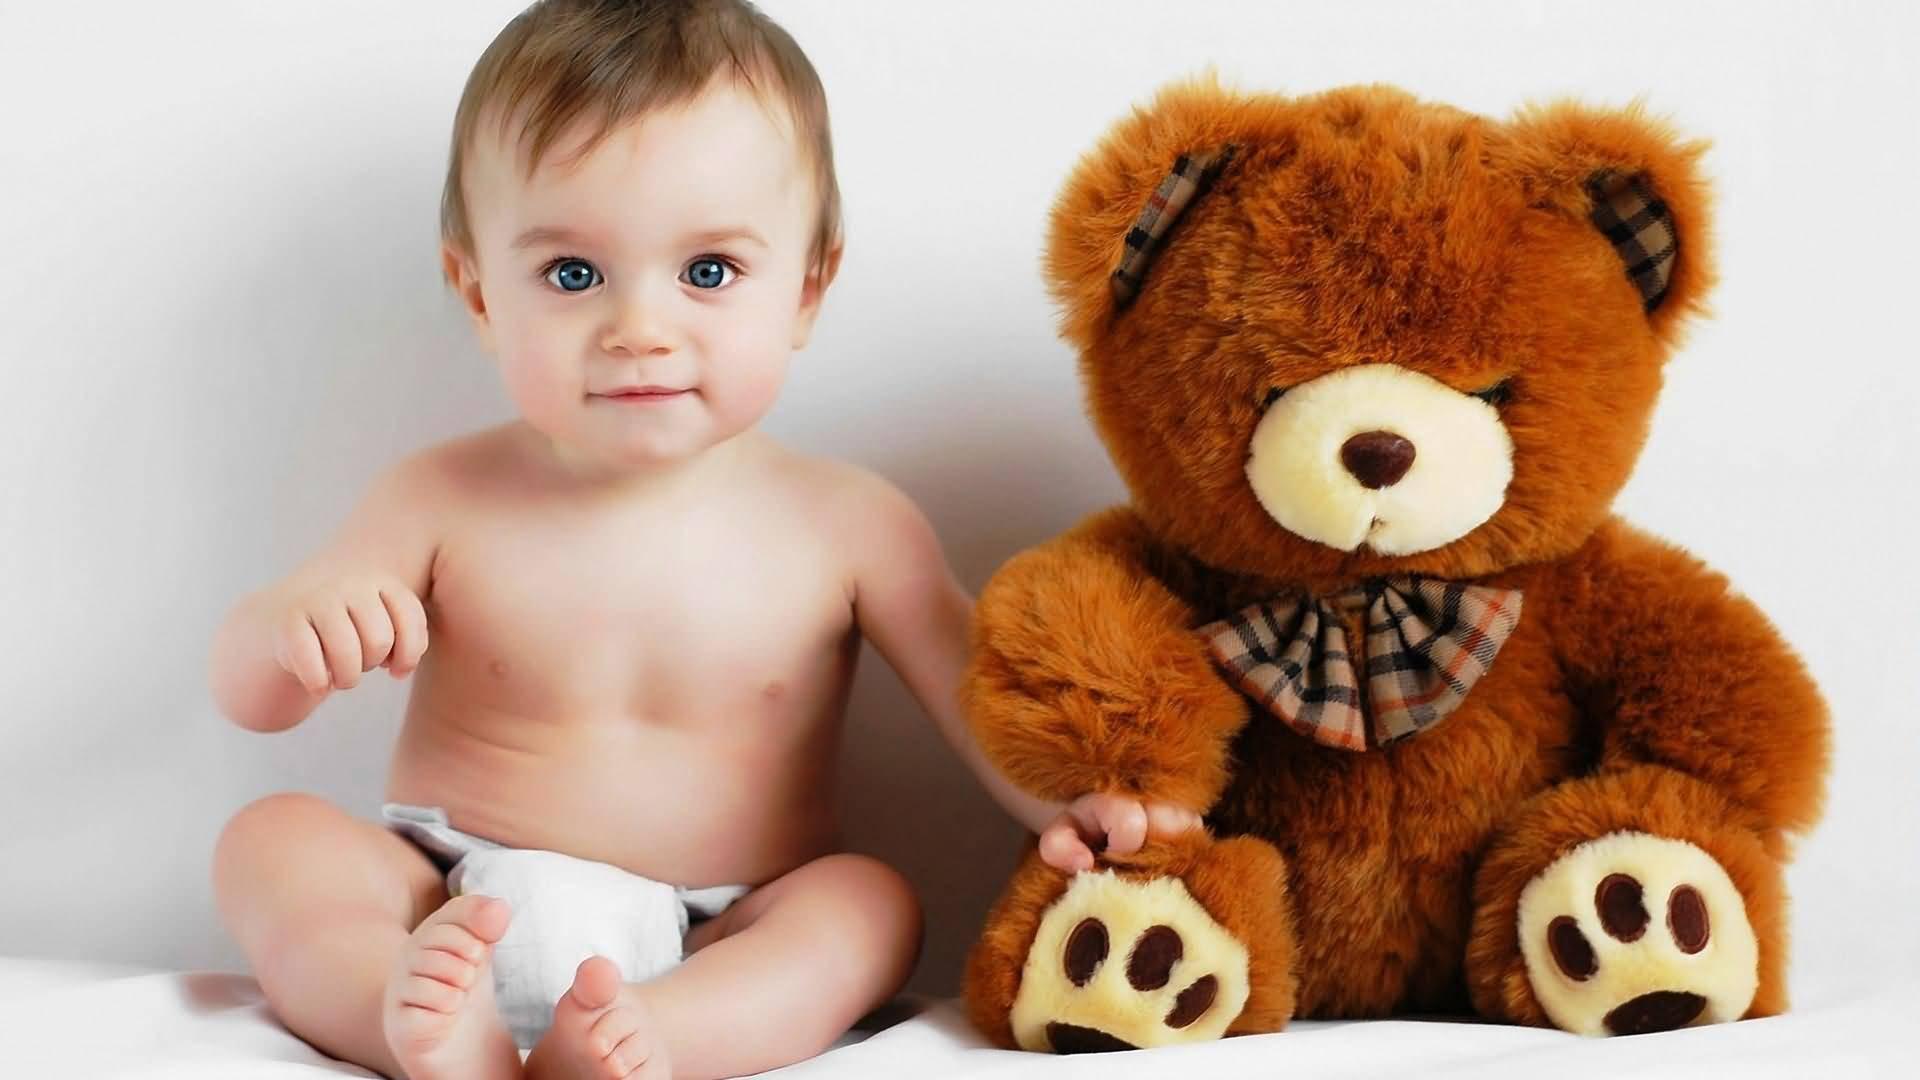 Cute Baby Boy Sitting With His Teddy Bear